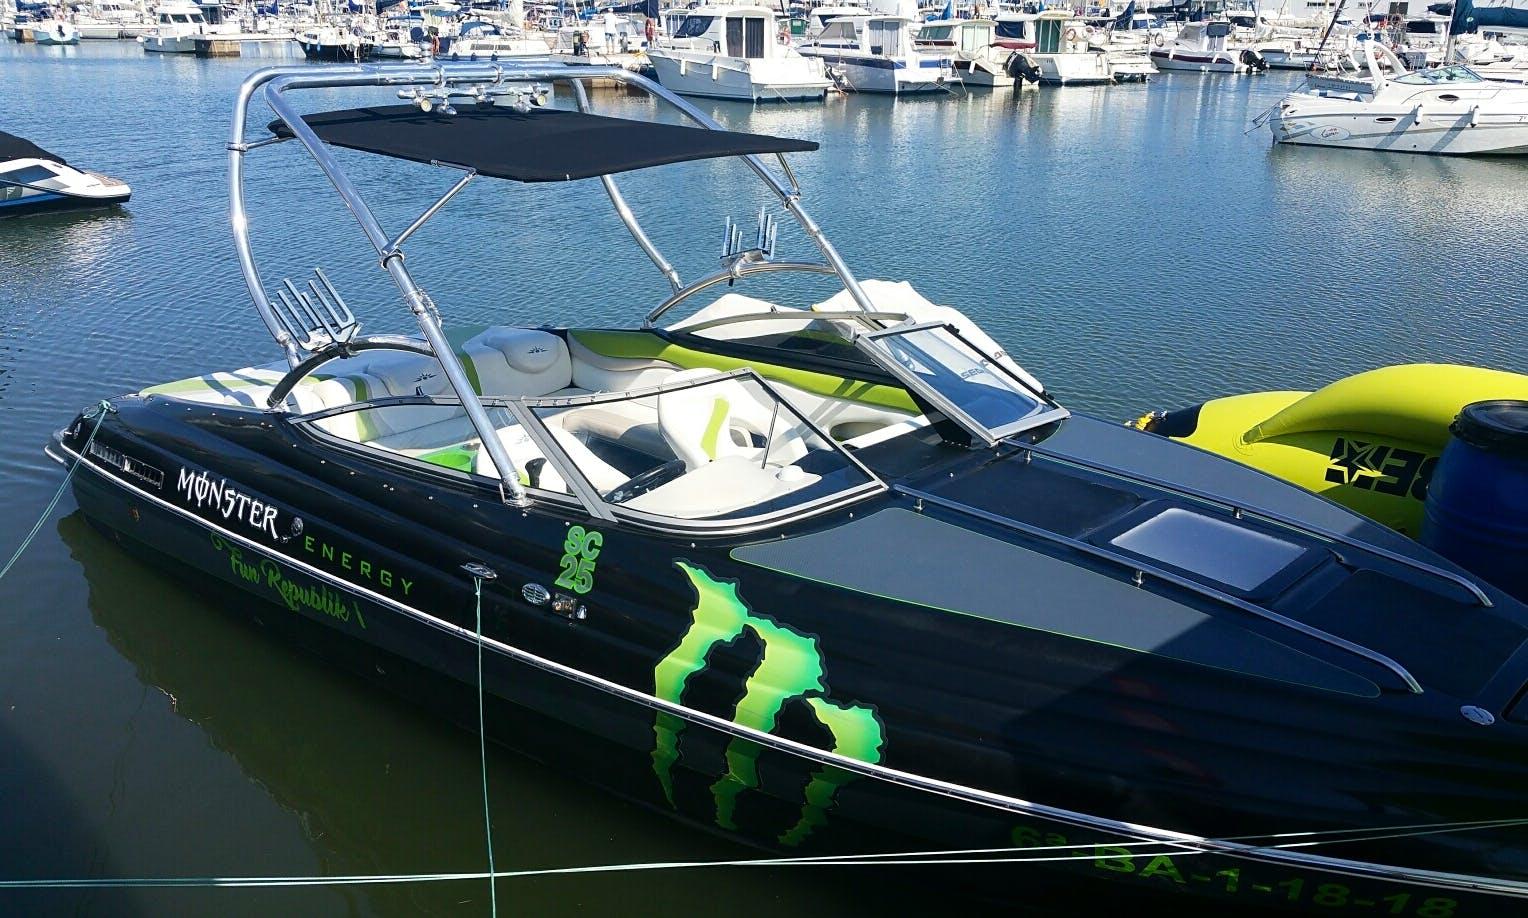 Hire the Monster 300cv for 10 People in Vilanova i la Geltrú, Spain